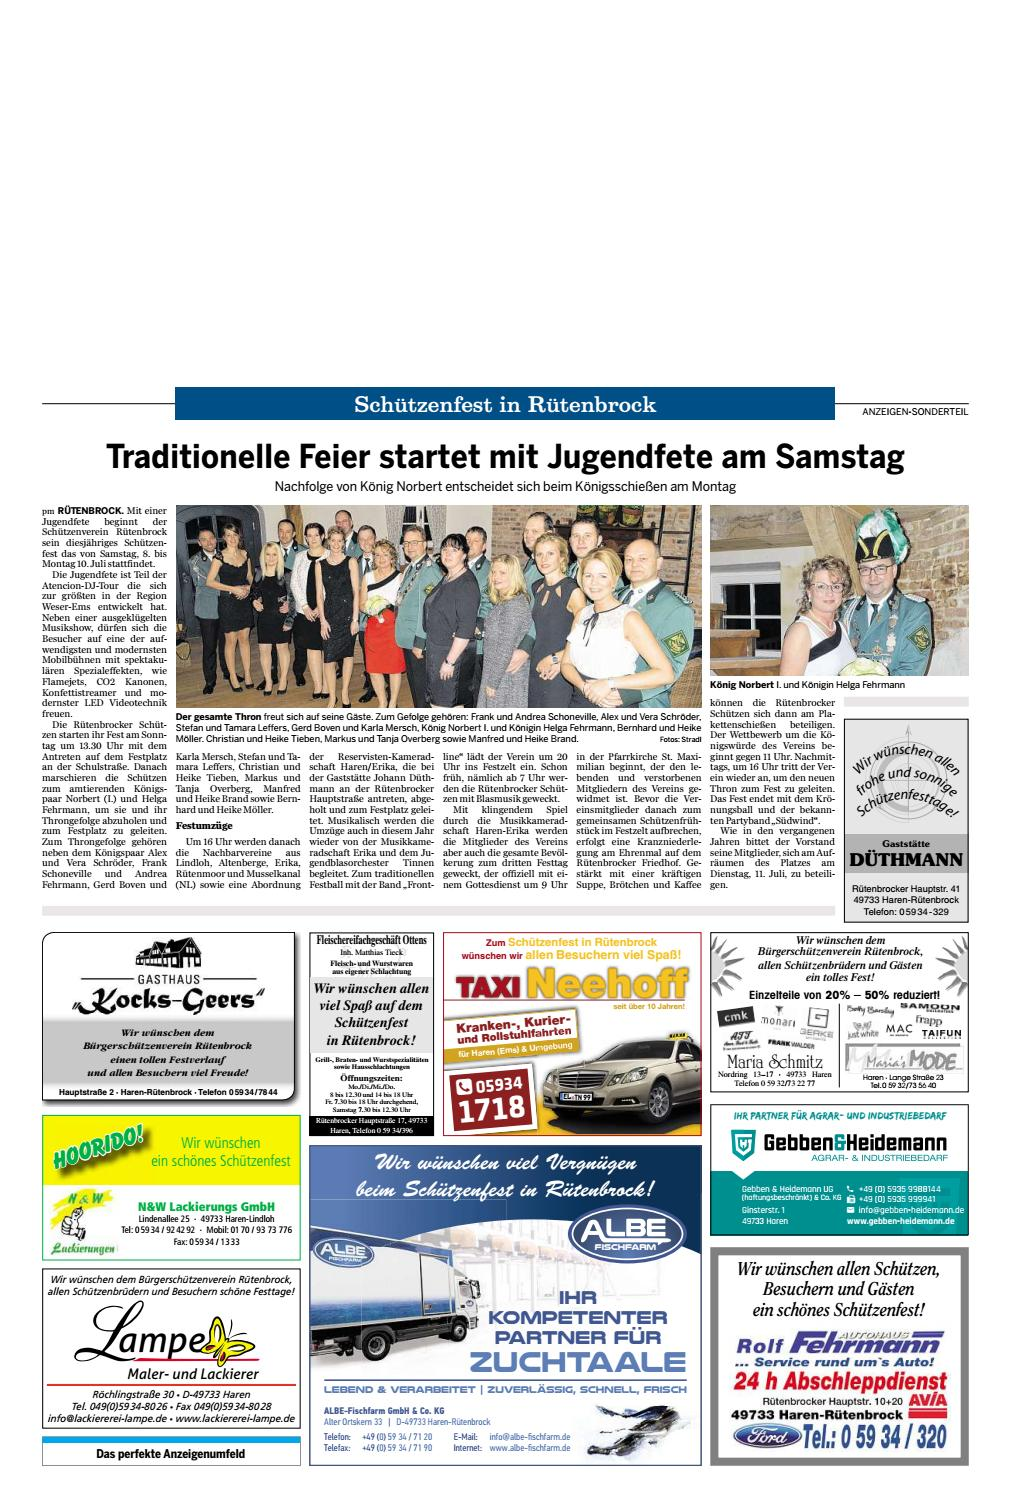 Schutzenfest Rutenbrock 2017 Meppener Tagespost By Neue Osnabruecker Zeitung Issuu